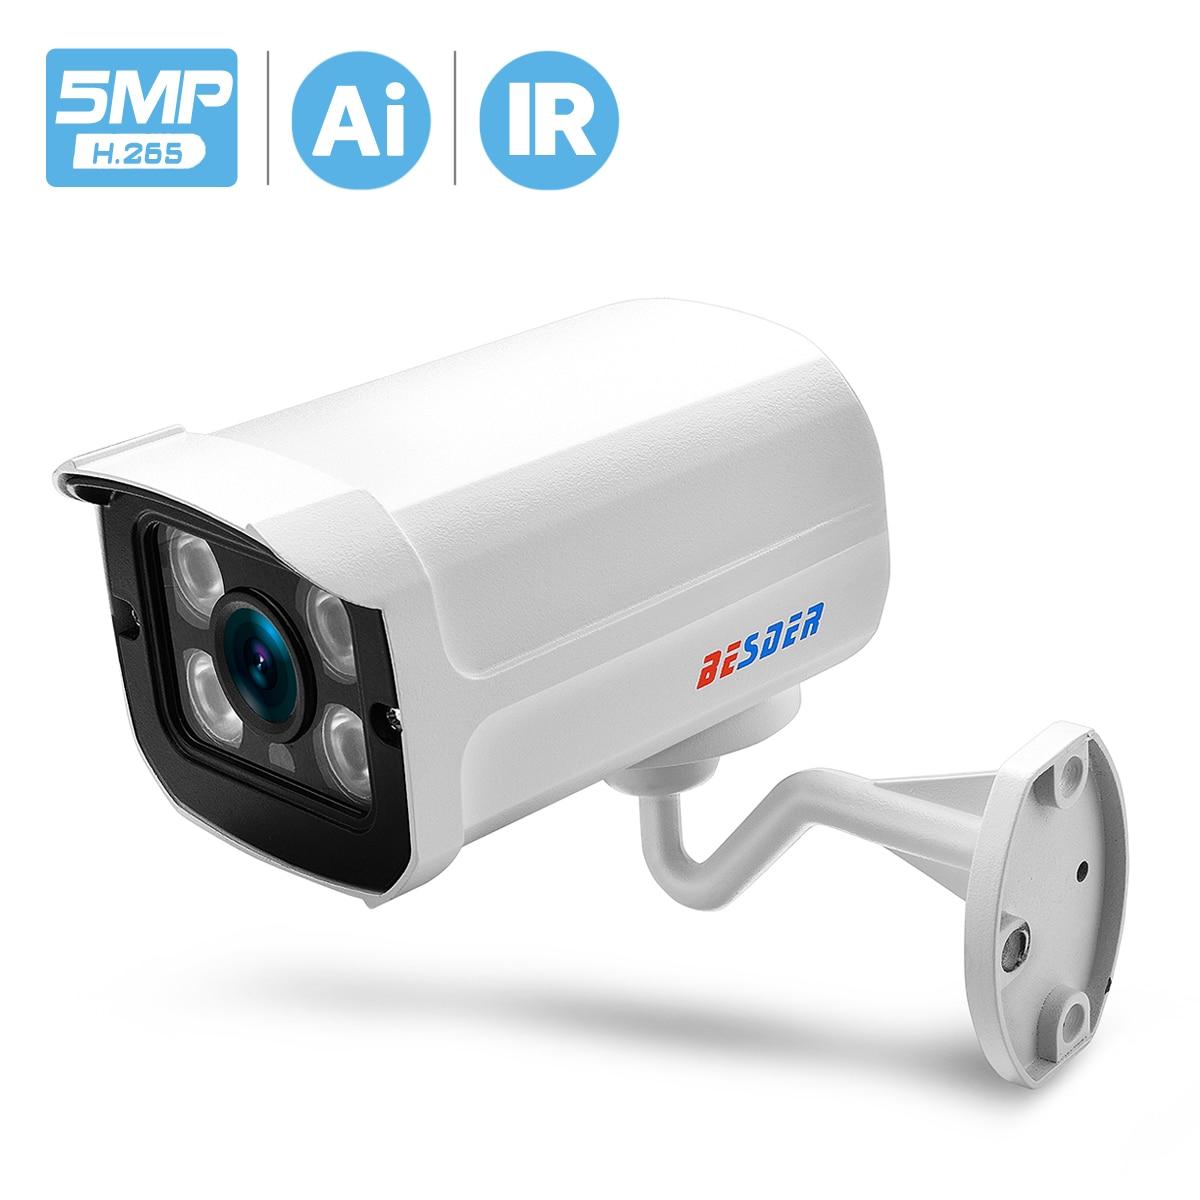 H.265 5 Мп 3 Мп HD широкоугольная 2,8 мм Наружная IP-камера 48 в PoE 1080P металлический чехол водонепроницаемая IP-камера видеонаблюдения 4 светодиосвет...